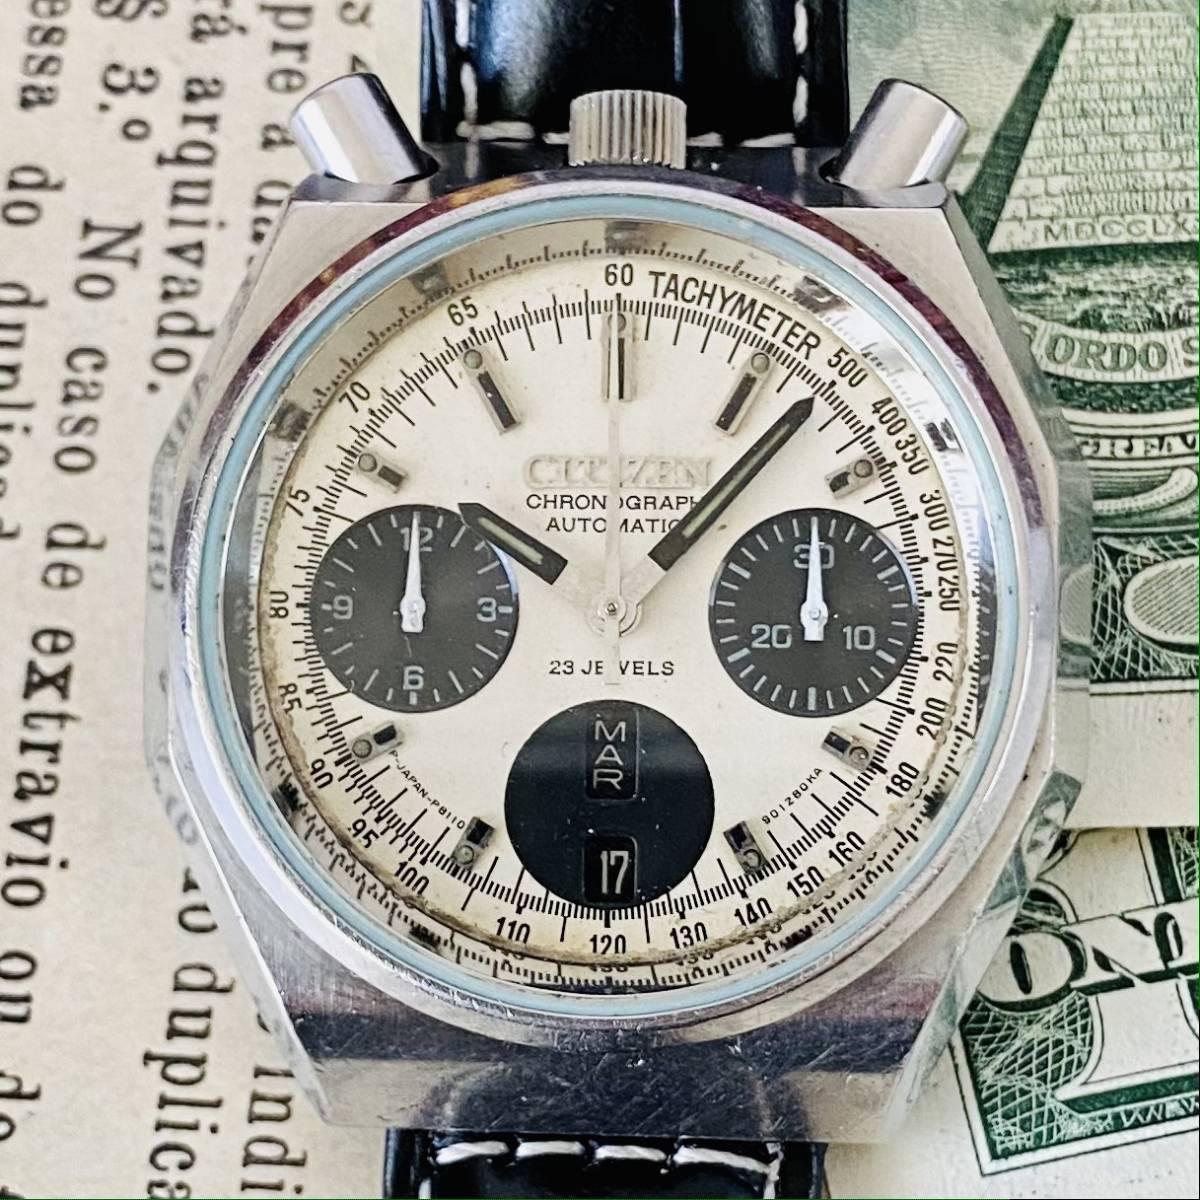 【高級時計 シチズン】CITIZEN 8110A クロノグラフ 自動巻 1980年代 ツノ メンズ レディース ビンテージ アナログ 腕時計パンダ チャレンジ_画像5